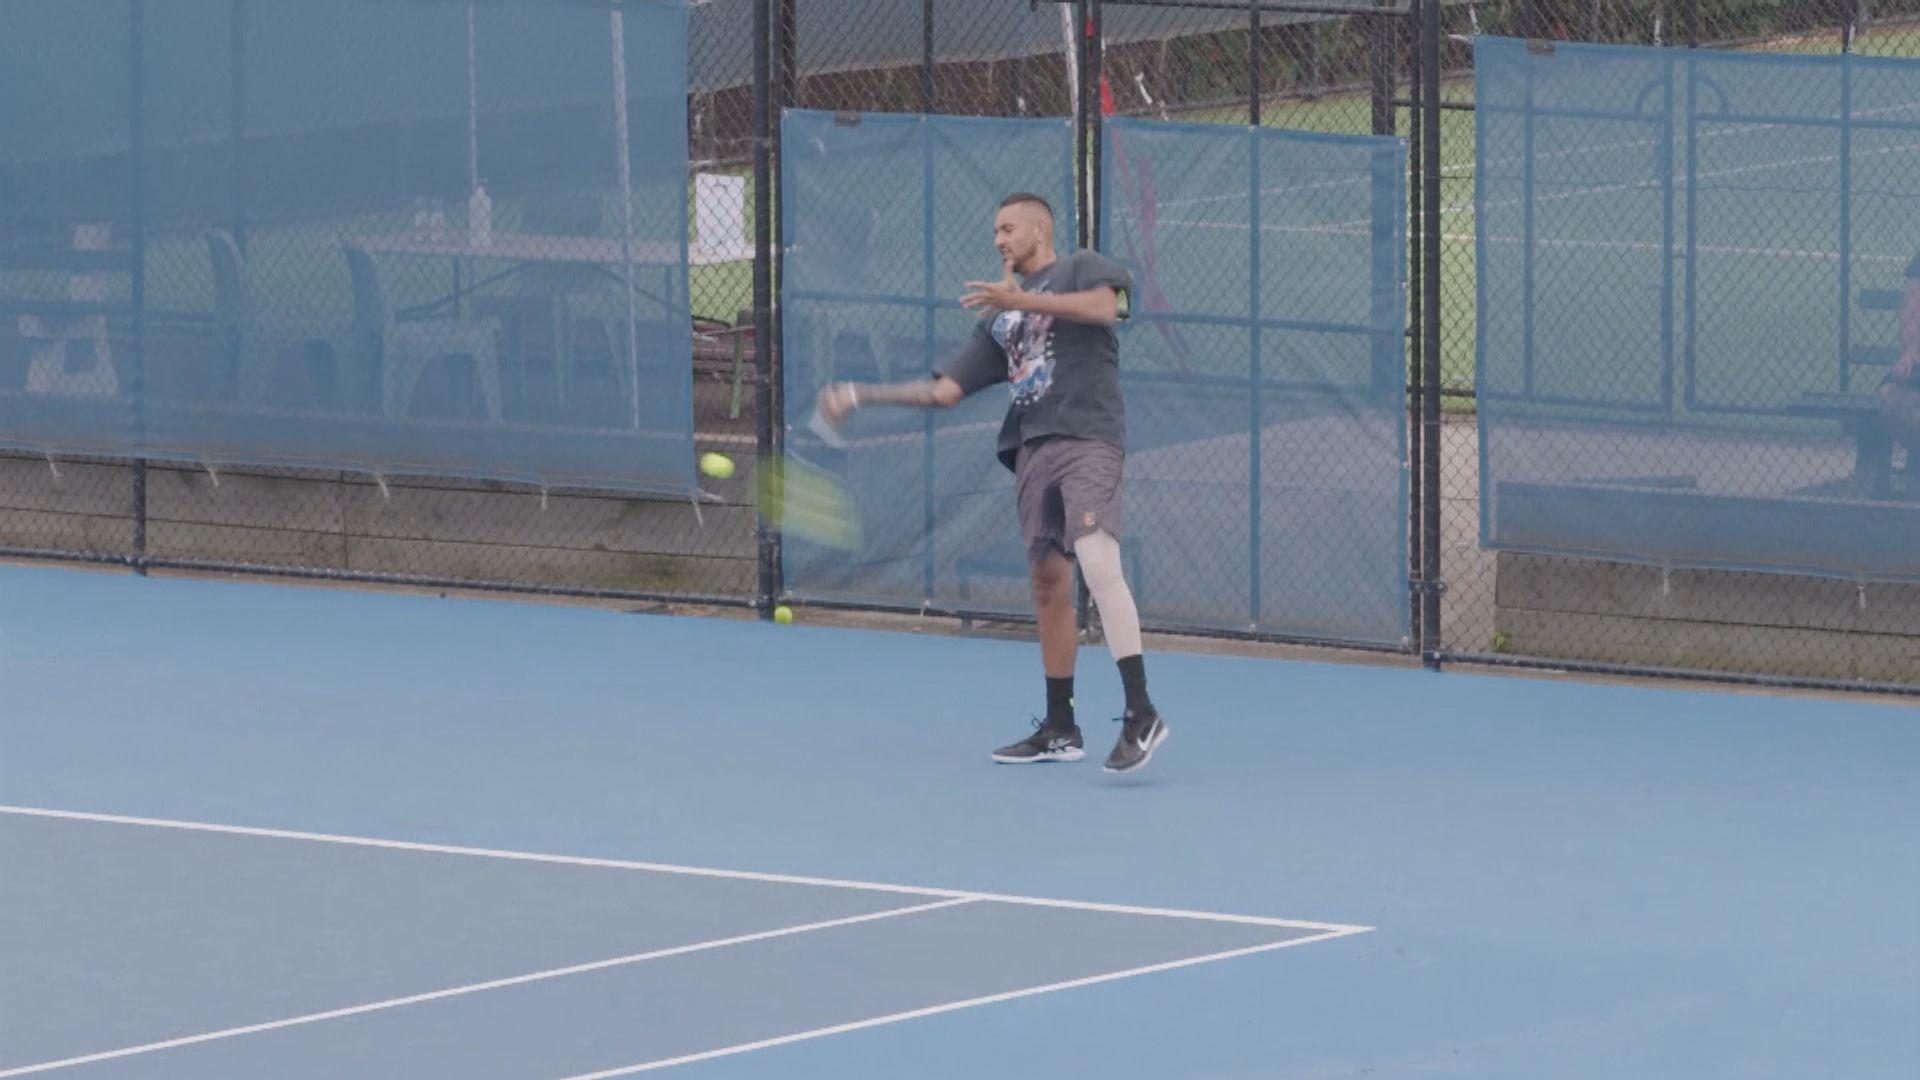 澳網參賽職球員完成隔離重獲自由